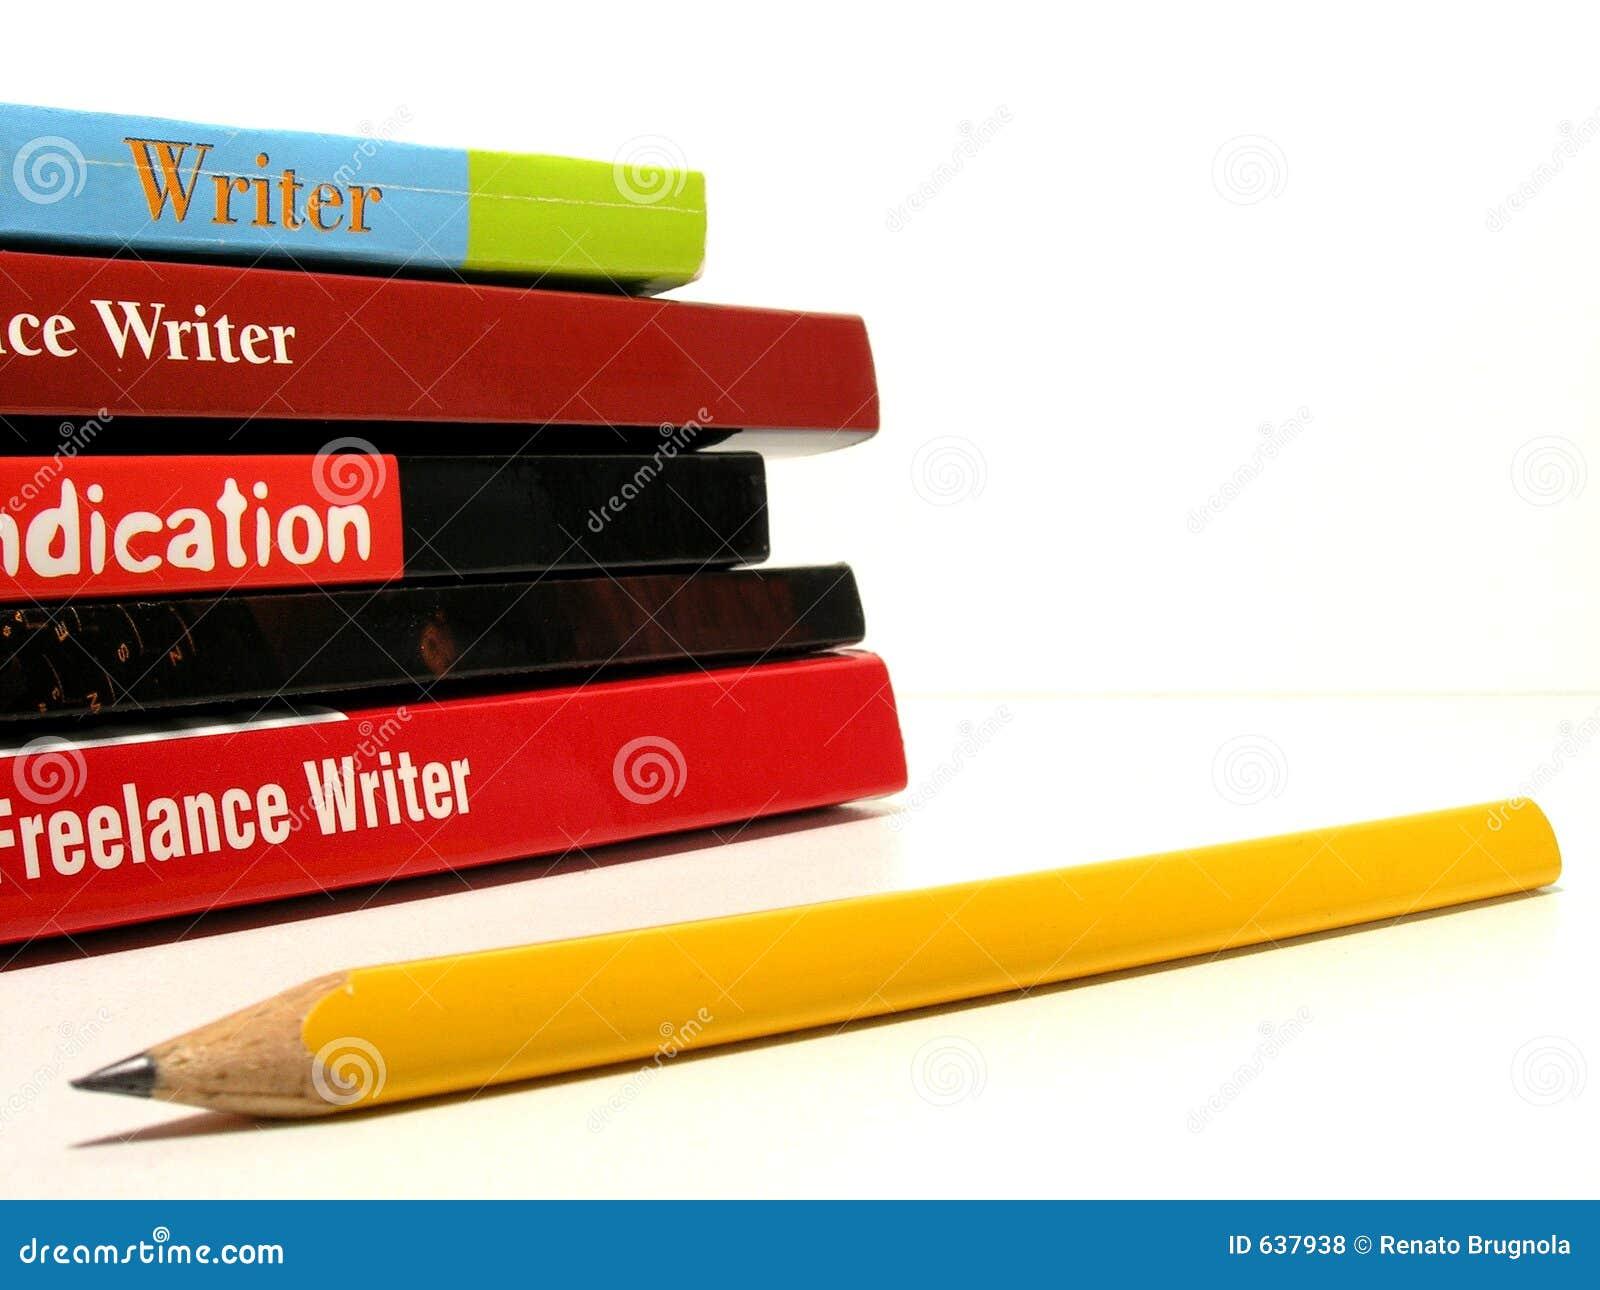 Writer freelance